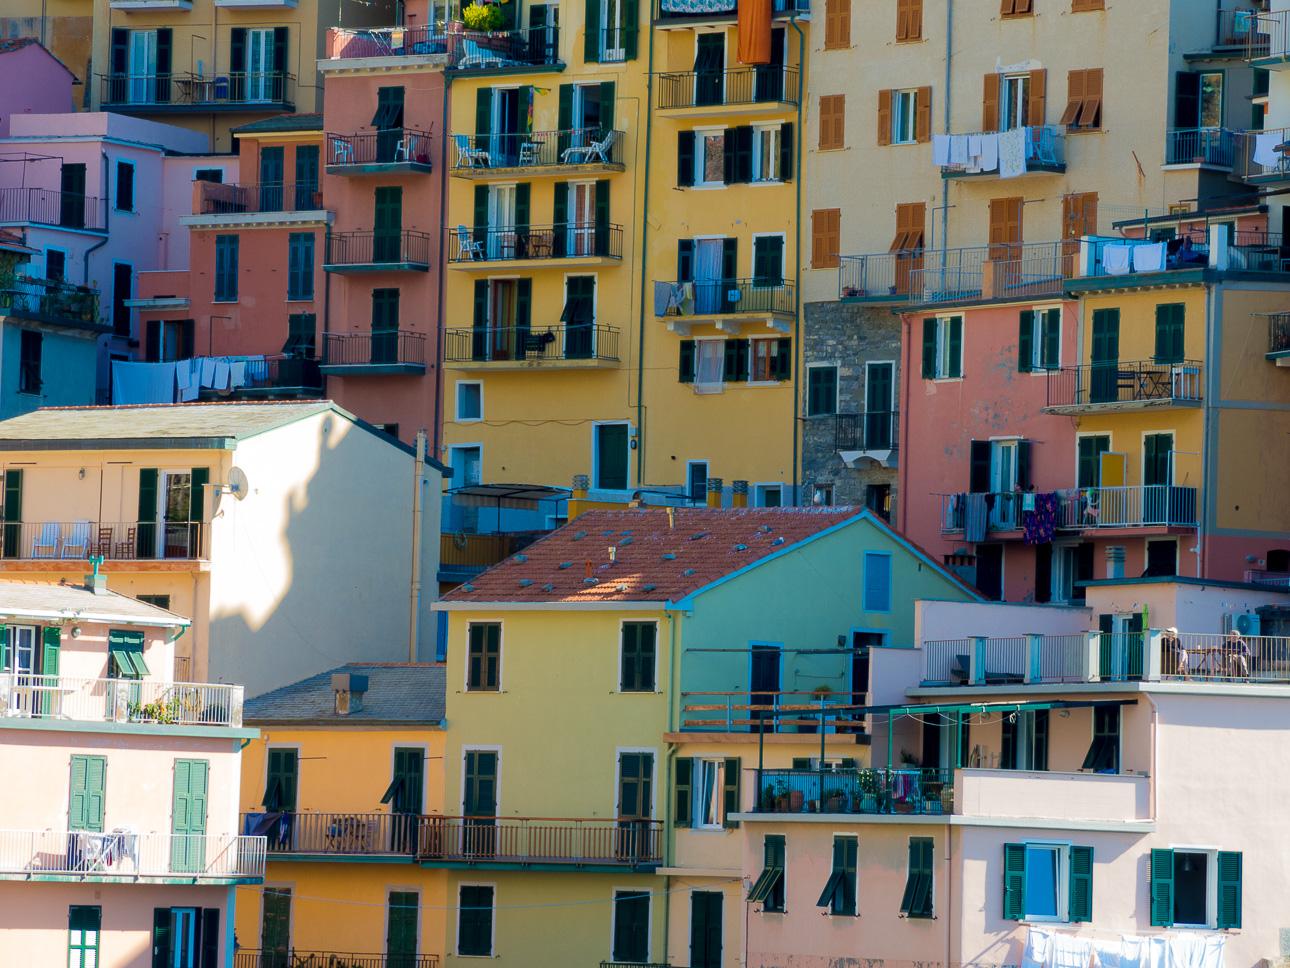 Fotoreise Manarola Cinque Terre in Liguren 0087